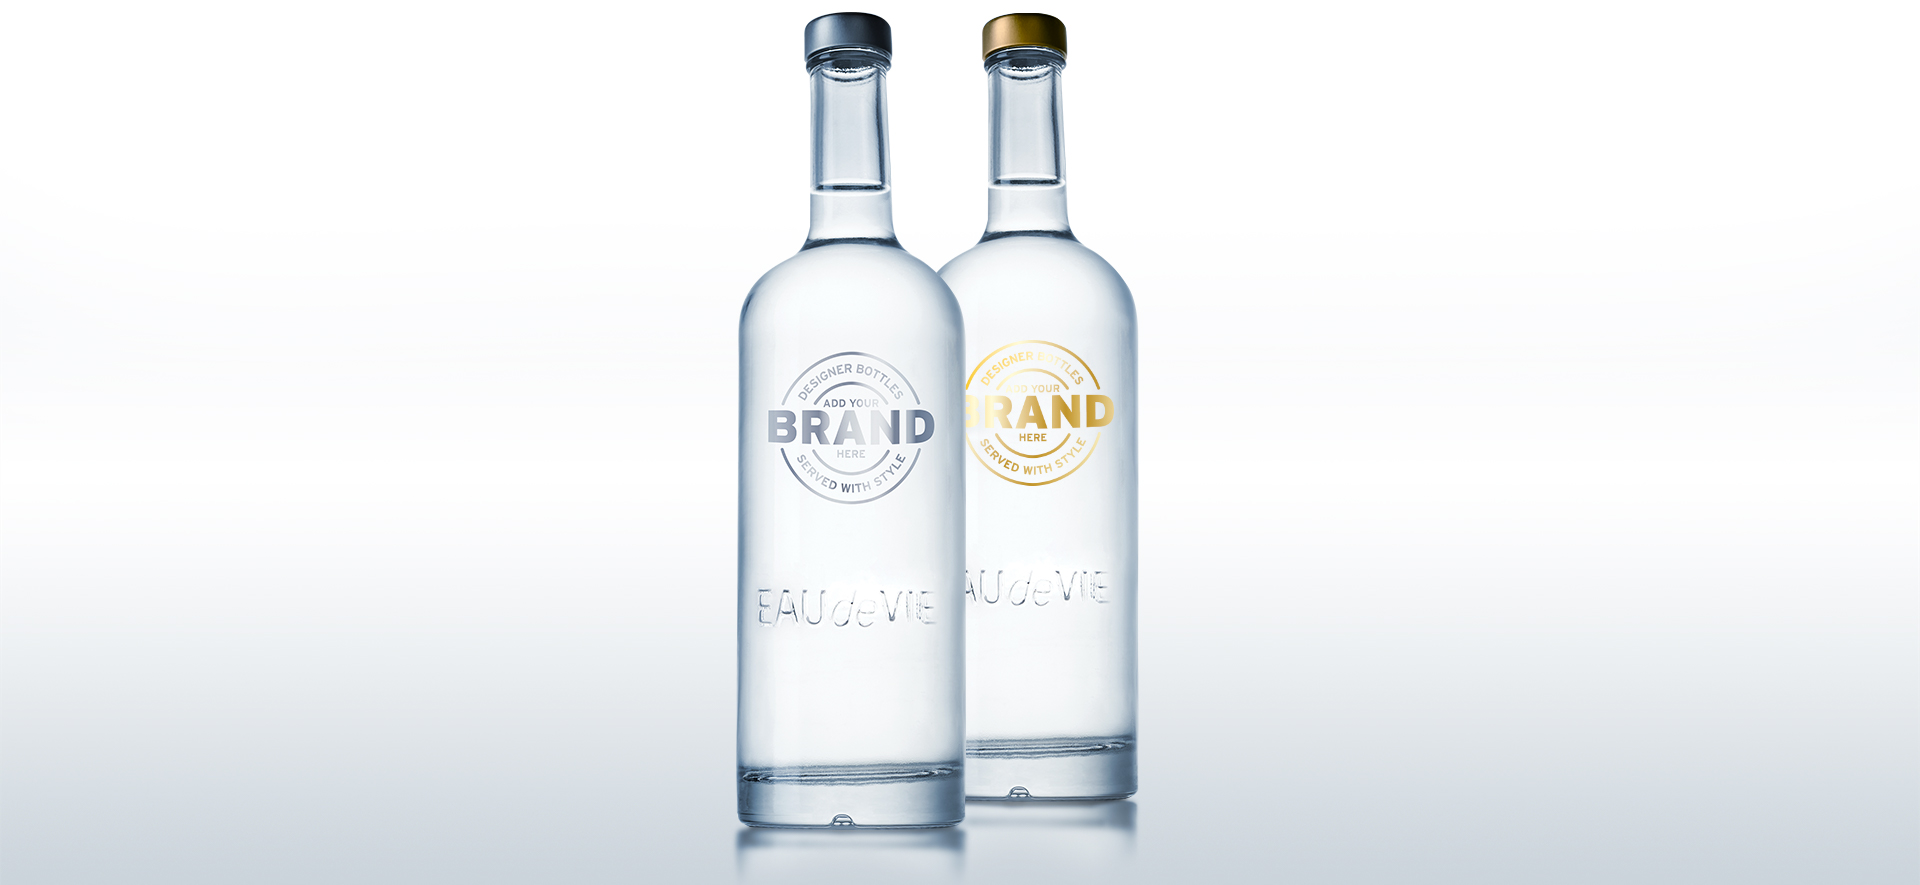 Eau de Vie customisable bottles